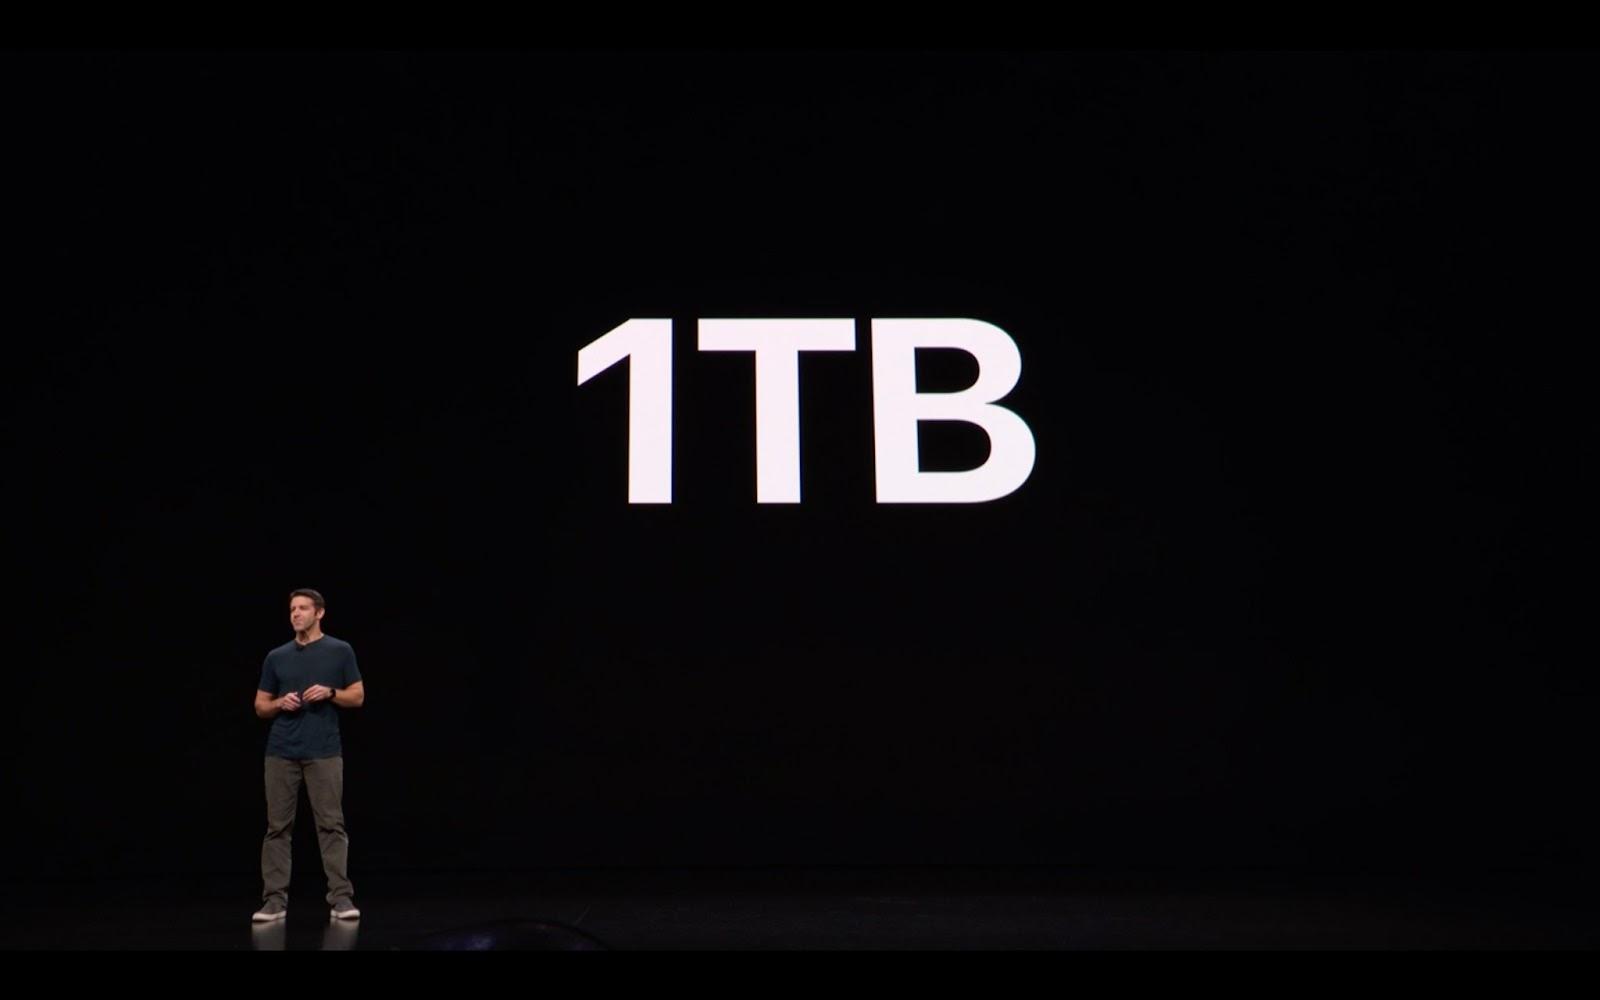 Đang tải iPad_2018-32.jpg…